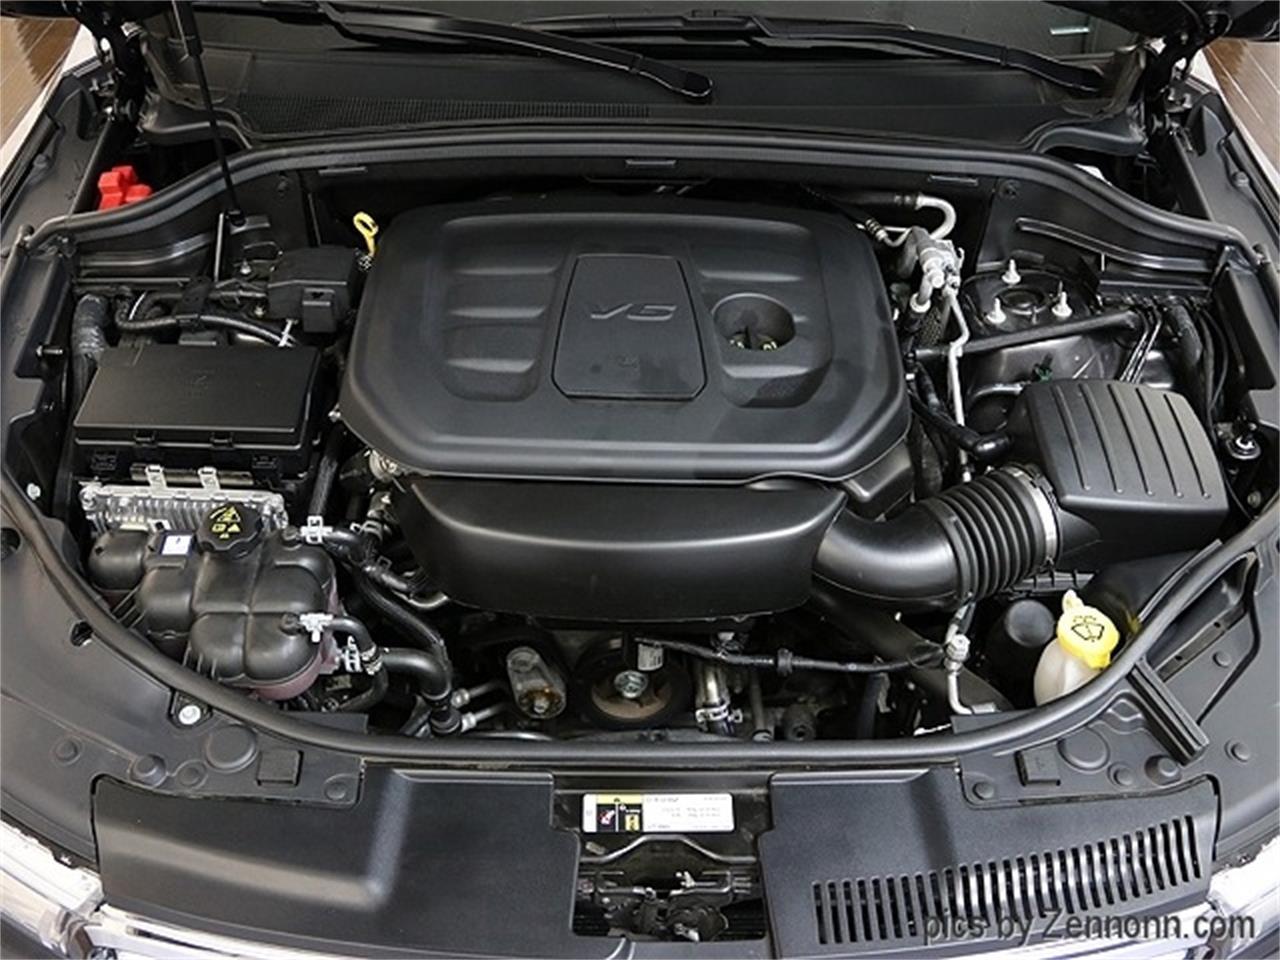 2019 Dodge Durango (CC-1270807) for sale in Addison, Illinois